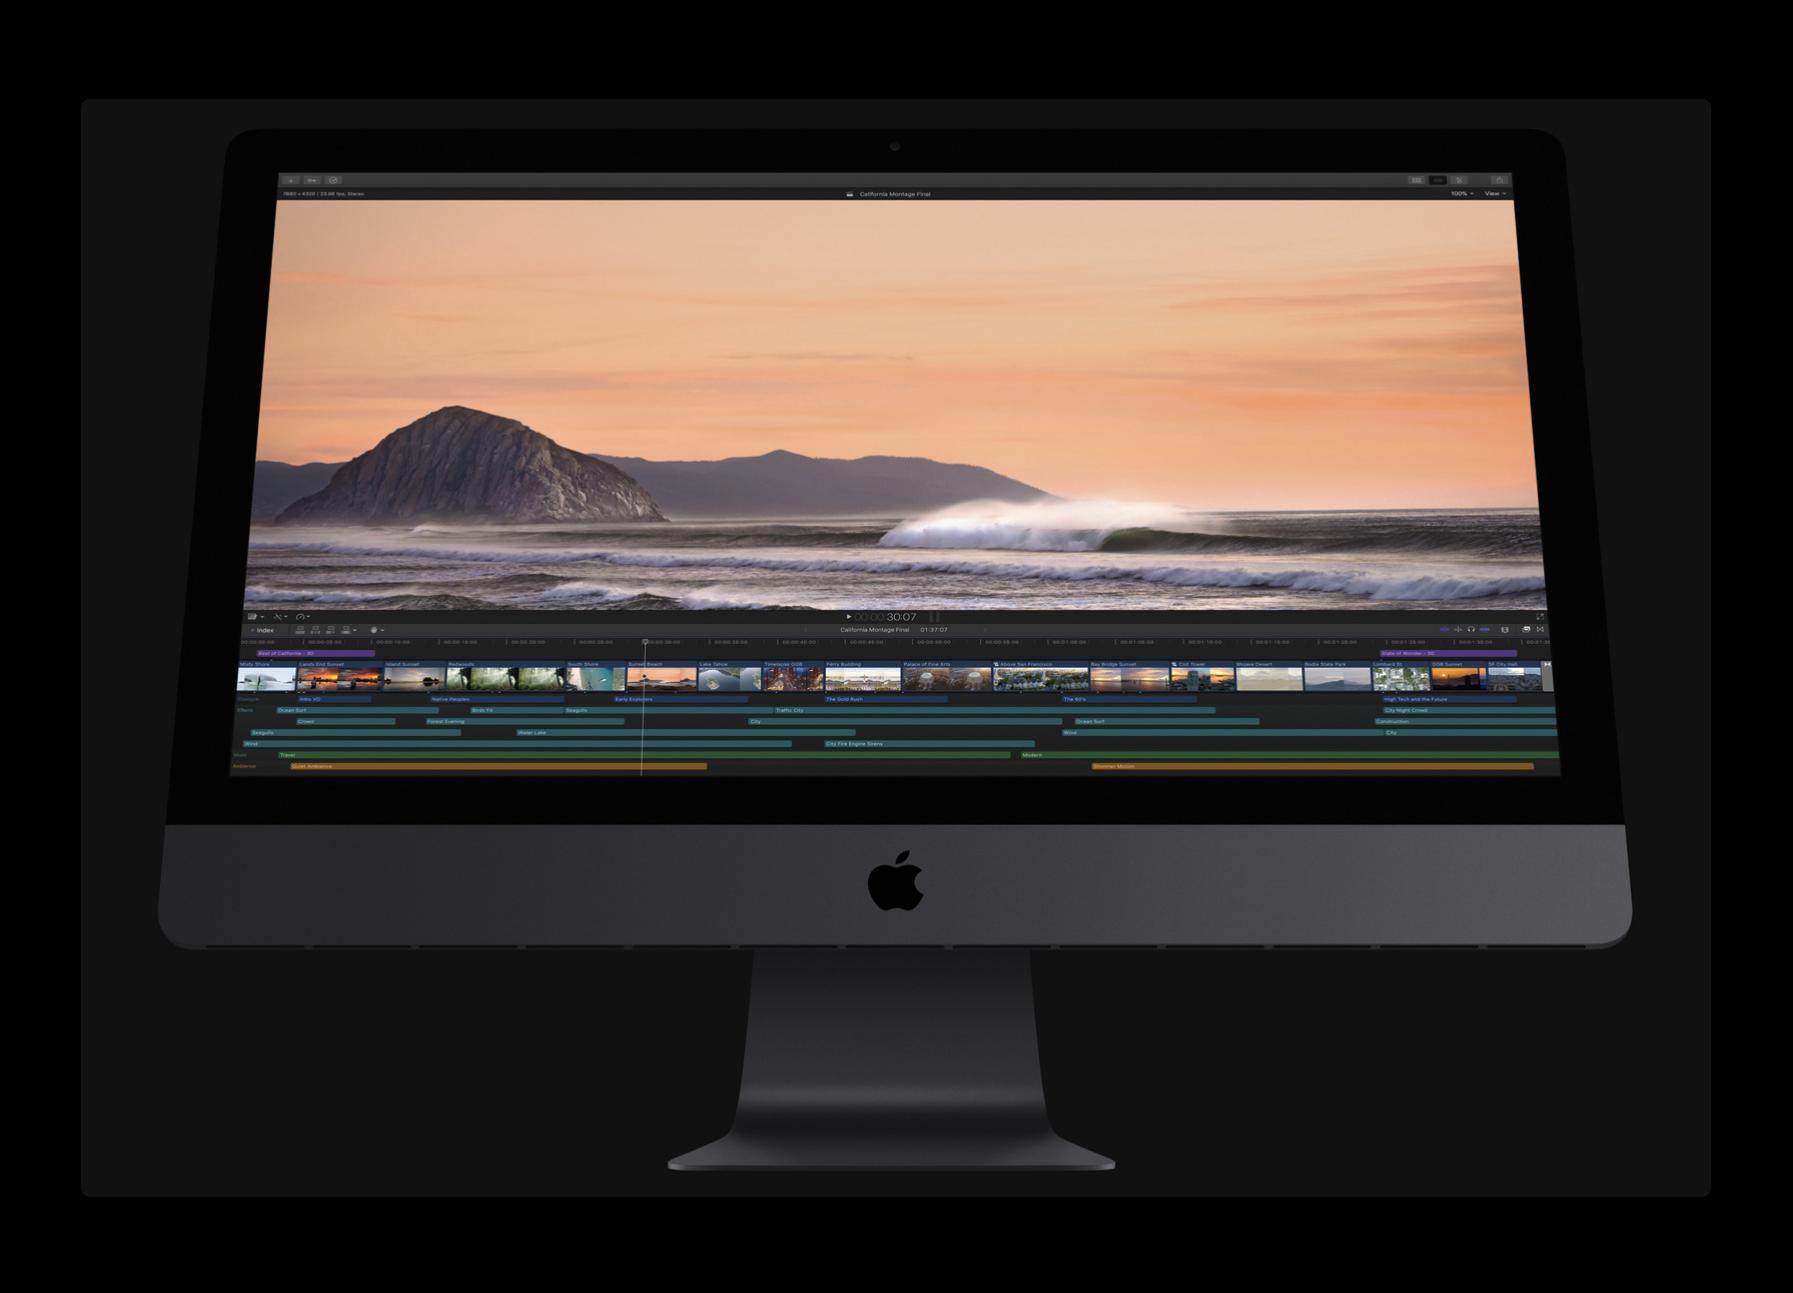 Apple、ProRes RAWと高度なクローズドキャプションが追加された「Final Cut Pro 10.4.1」を4月9日にリリース